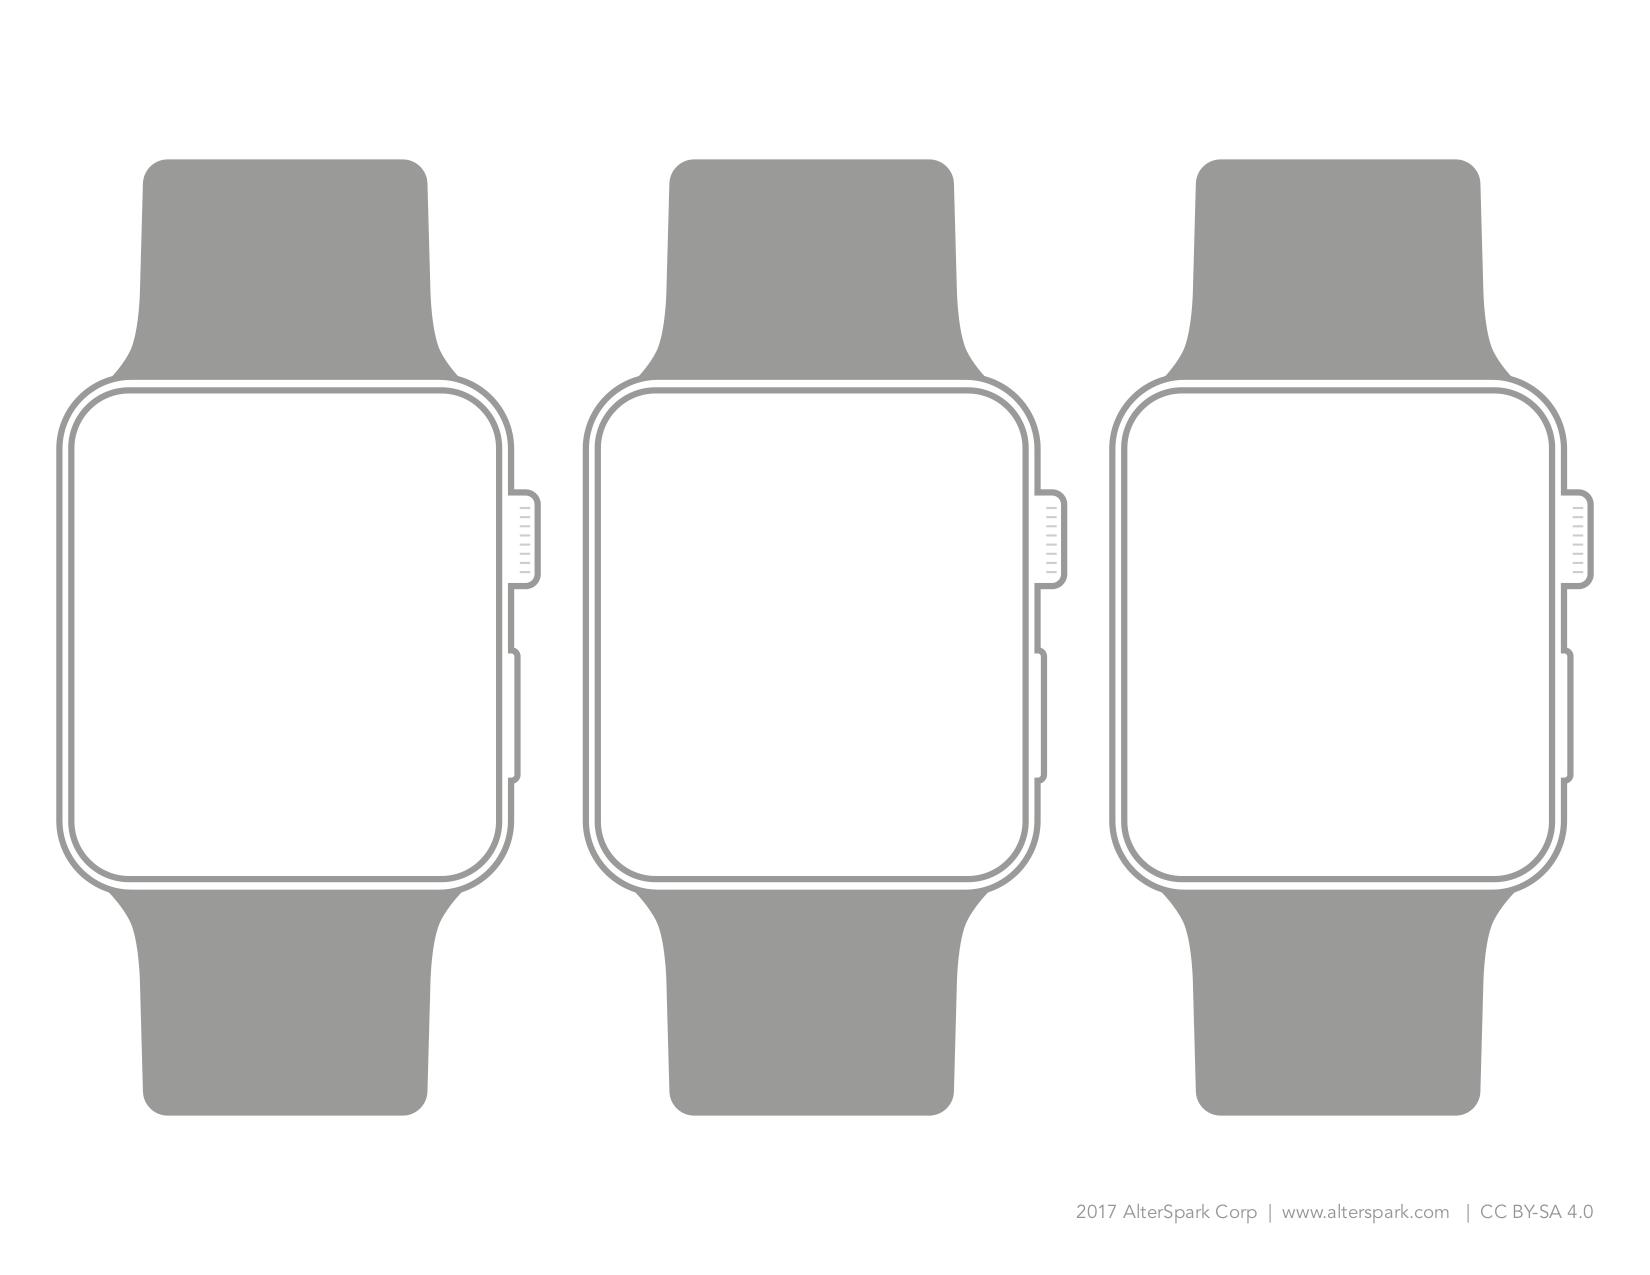 Šablona pro hodinky v šabloně Alterspark.